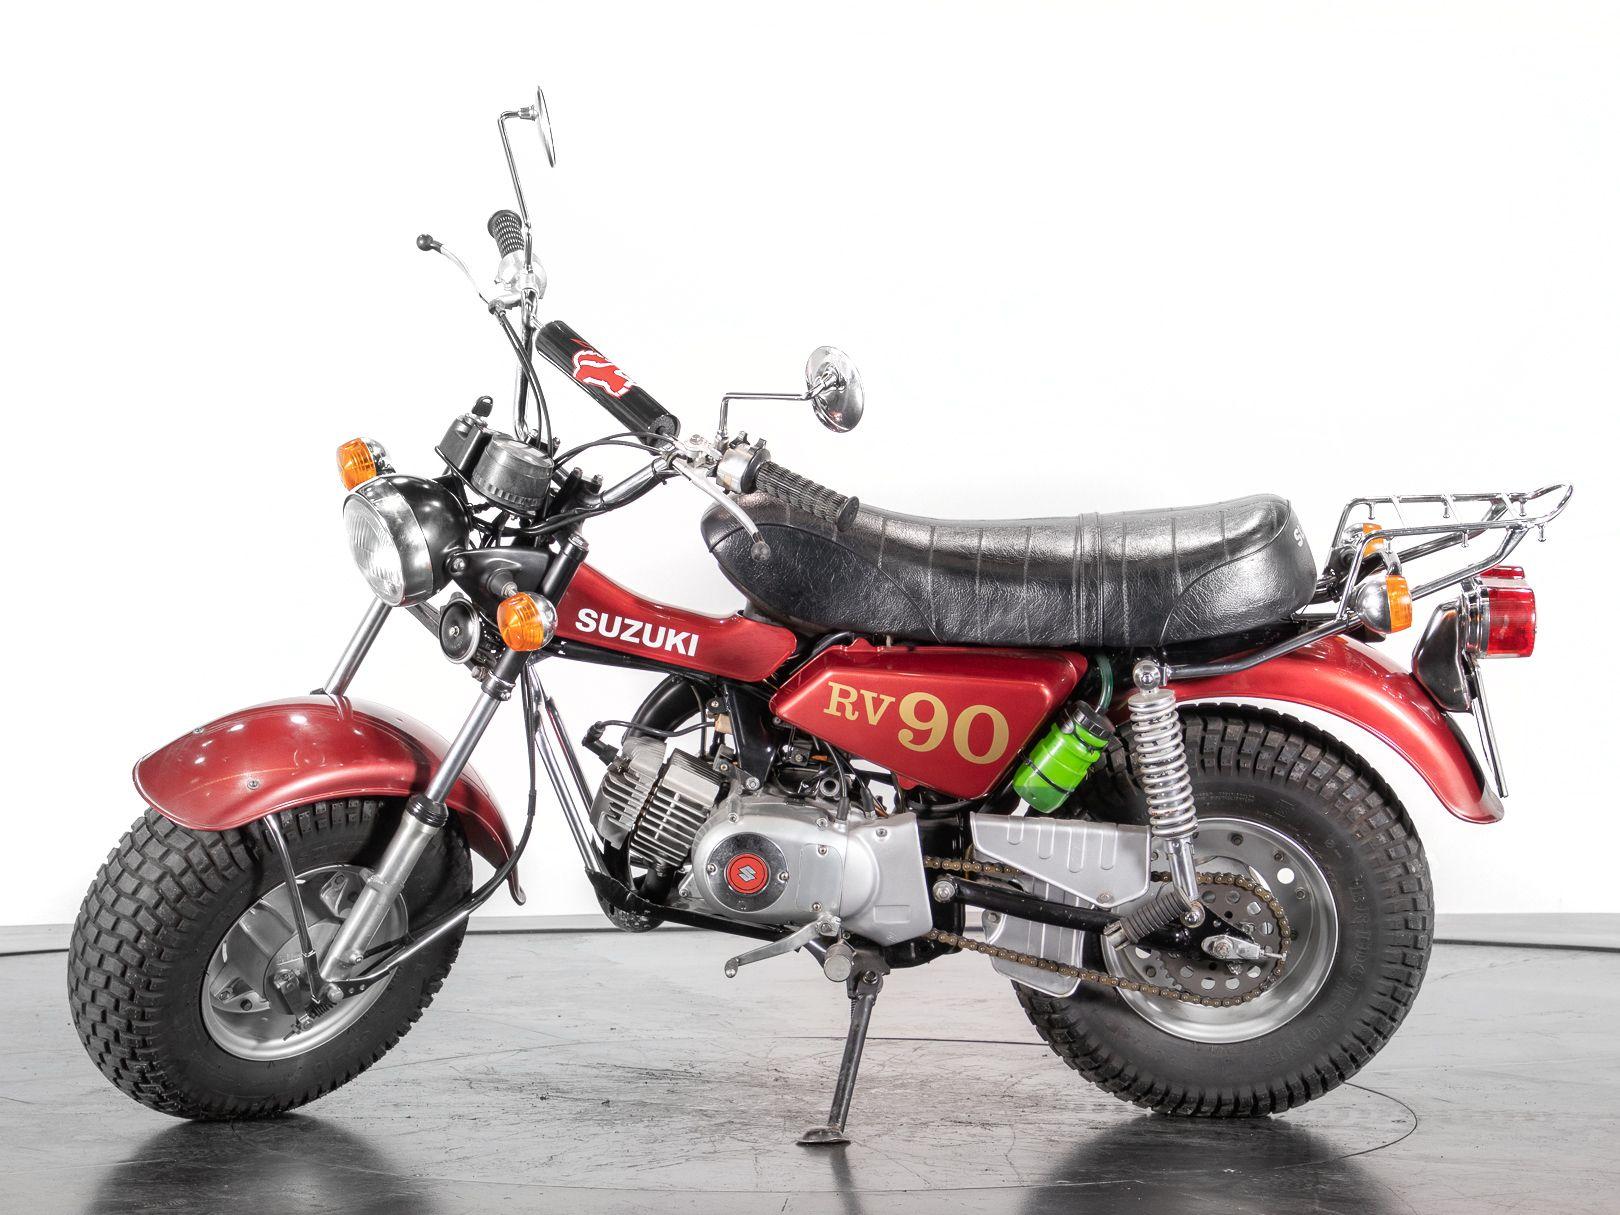 1979 Suzuki RV 90 50562